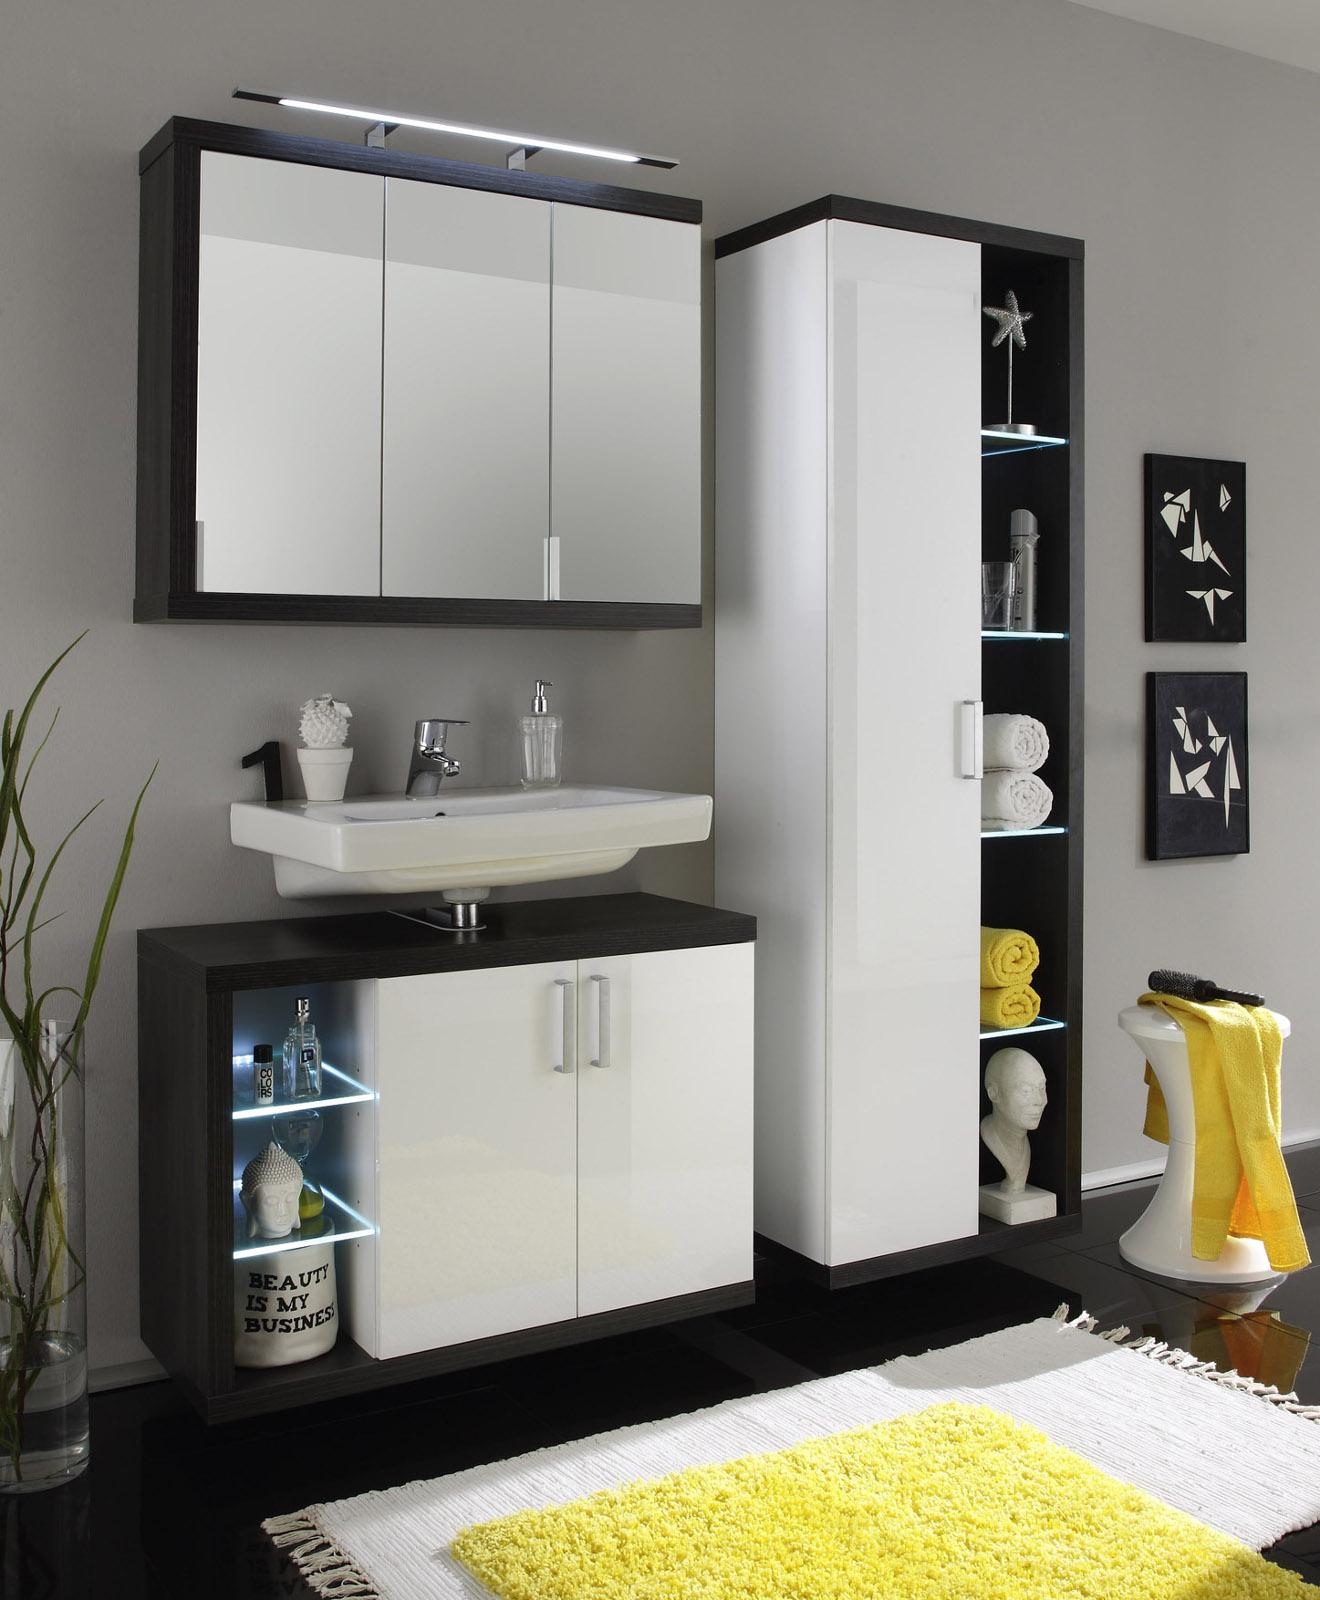 Badezimmermöbel weiss günstig  Badmöbel Sunrise Weiß/Silber günstig online kaufen